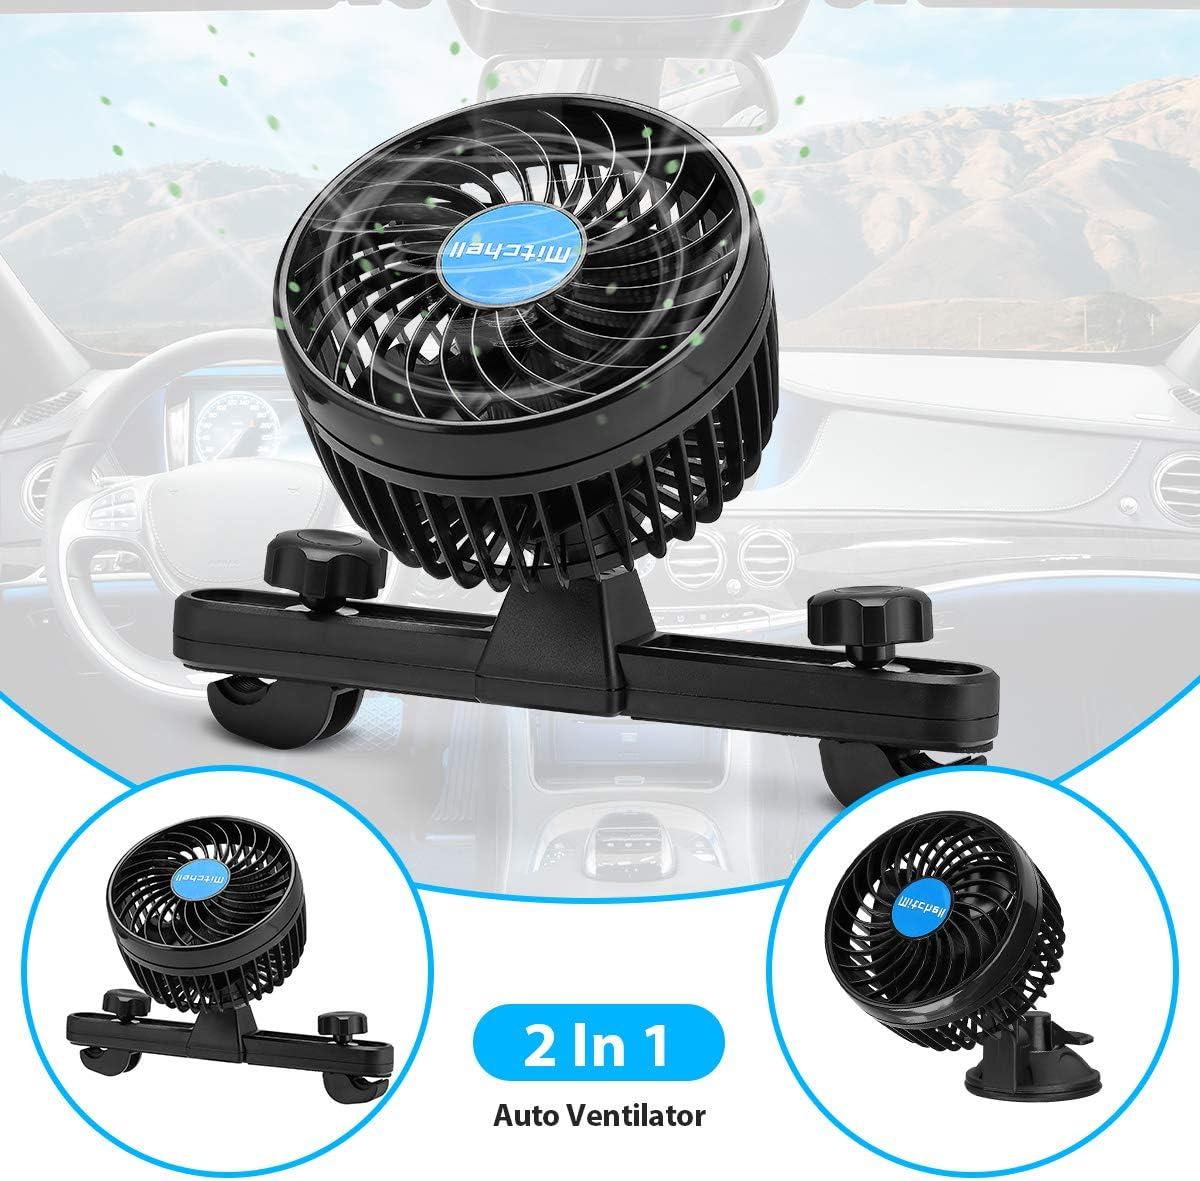 Mini ventilatore auto da 12 V con ventosa silenziosa regolabile per sedile posteriore nero